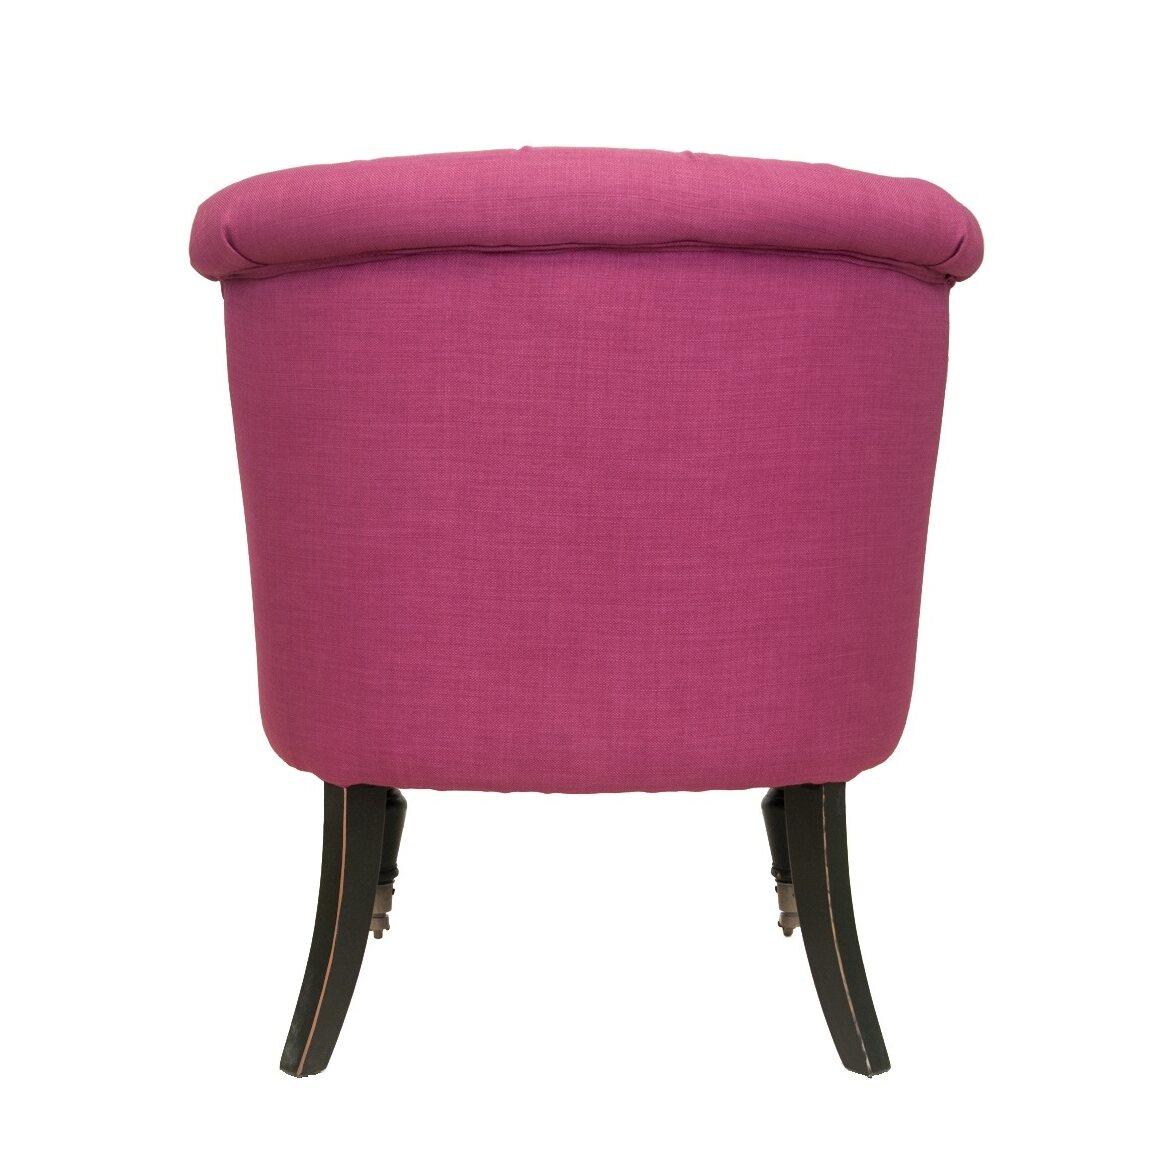 Низкое кресло Aviana pink 3 | Маленькие кресла Kingsby